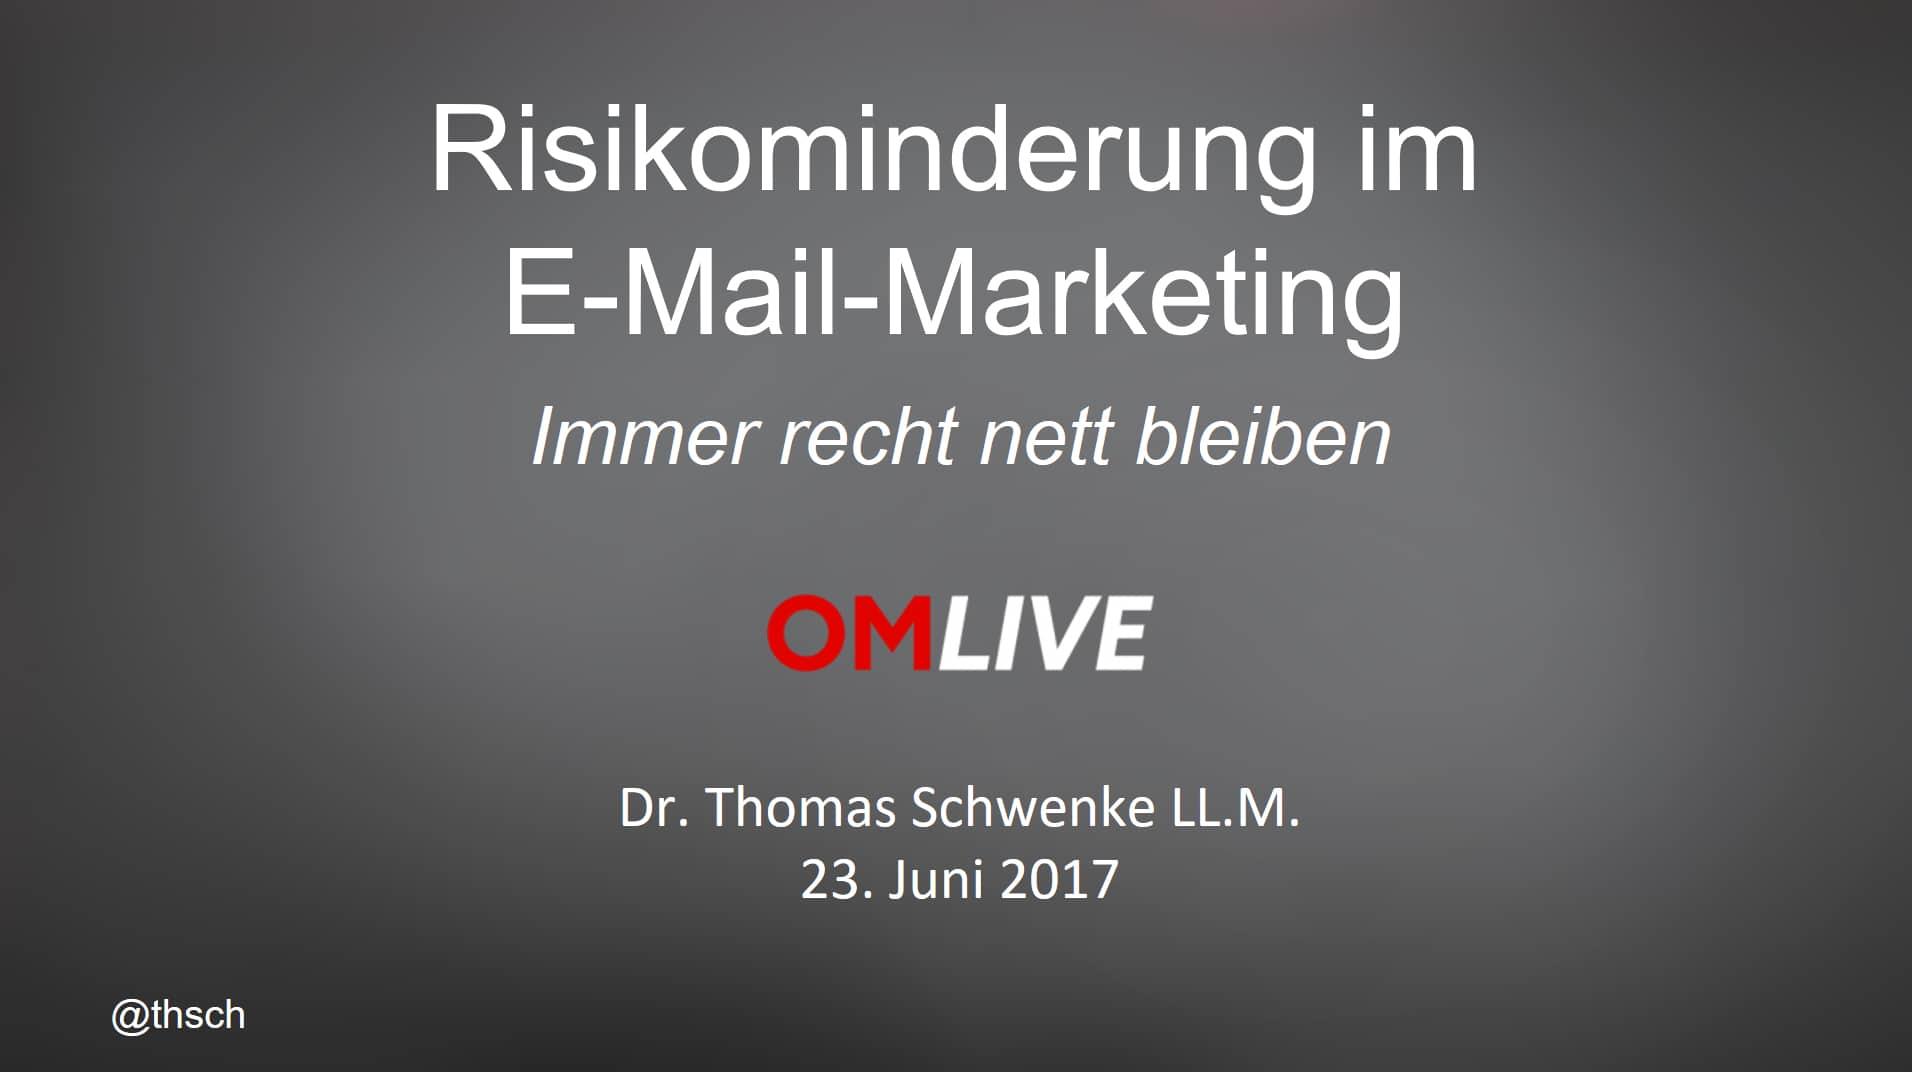 Risikominderung im E-Mail-Marketing – Sind Ihre Einwilligungen rechtssicher?